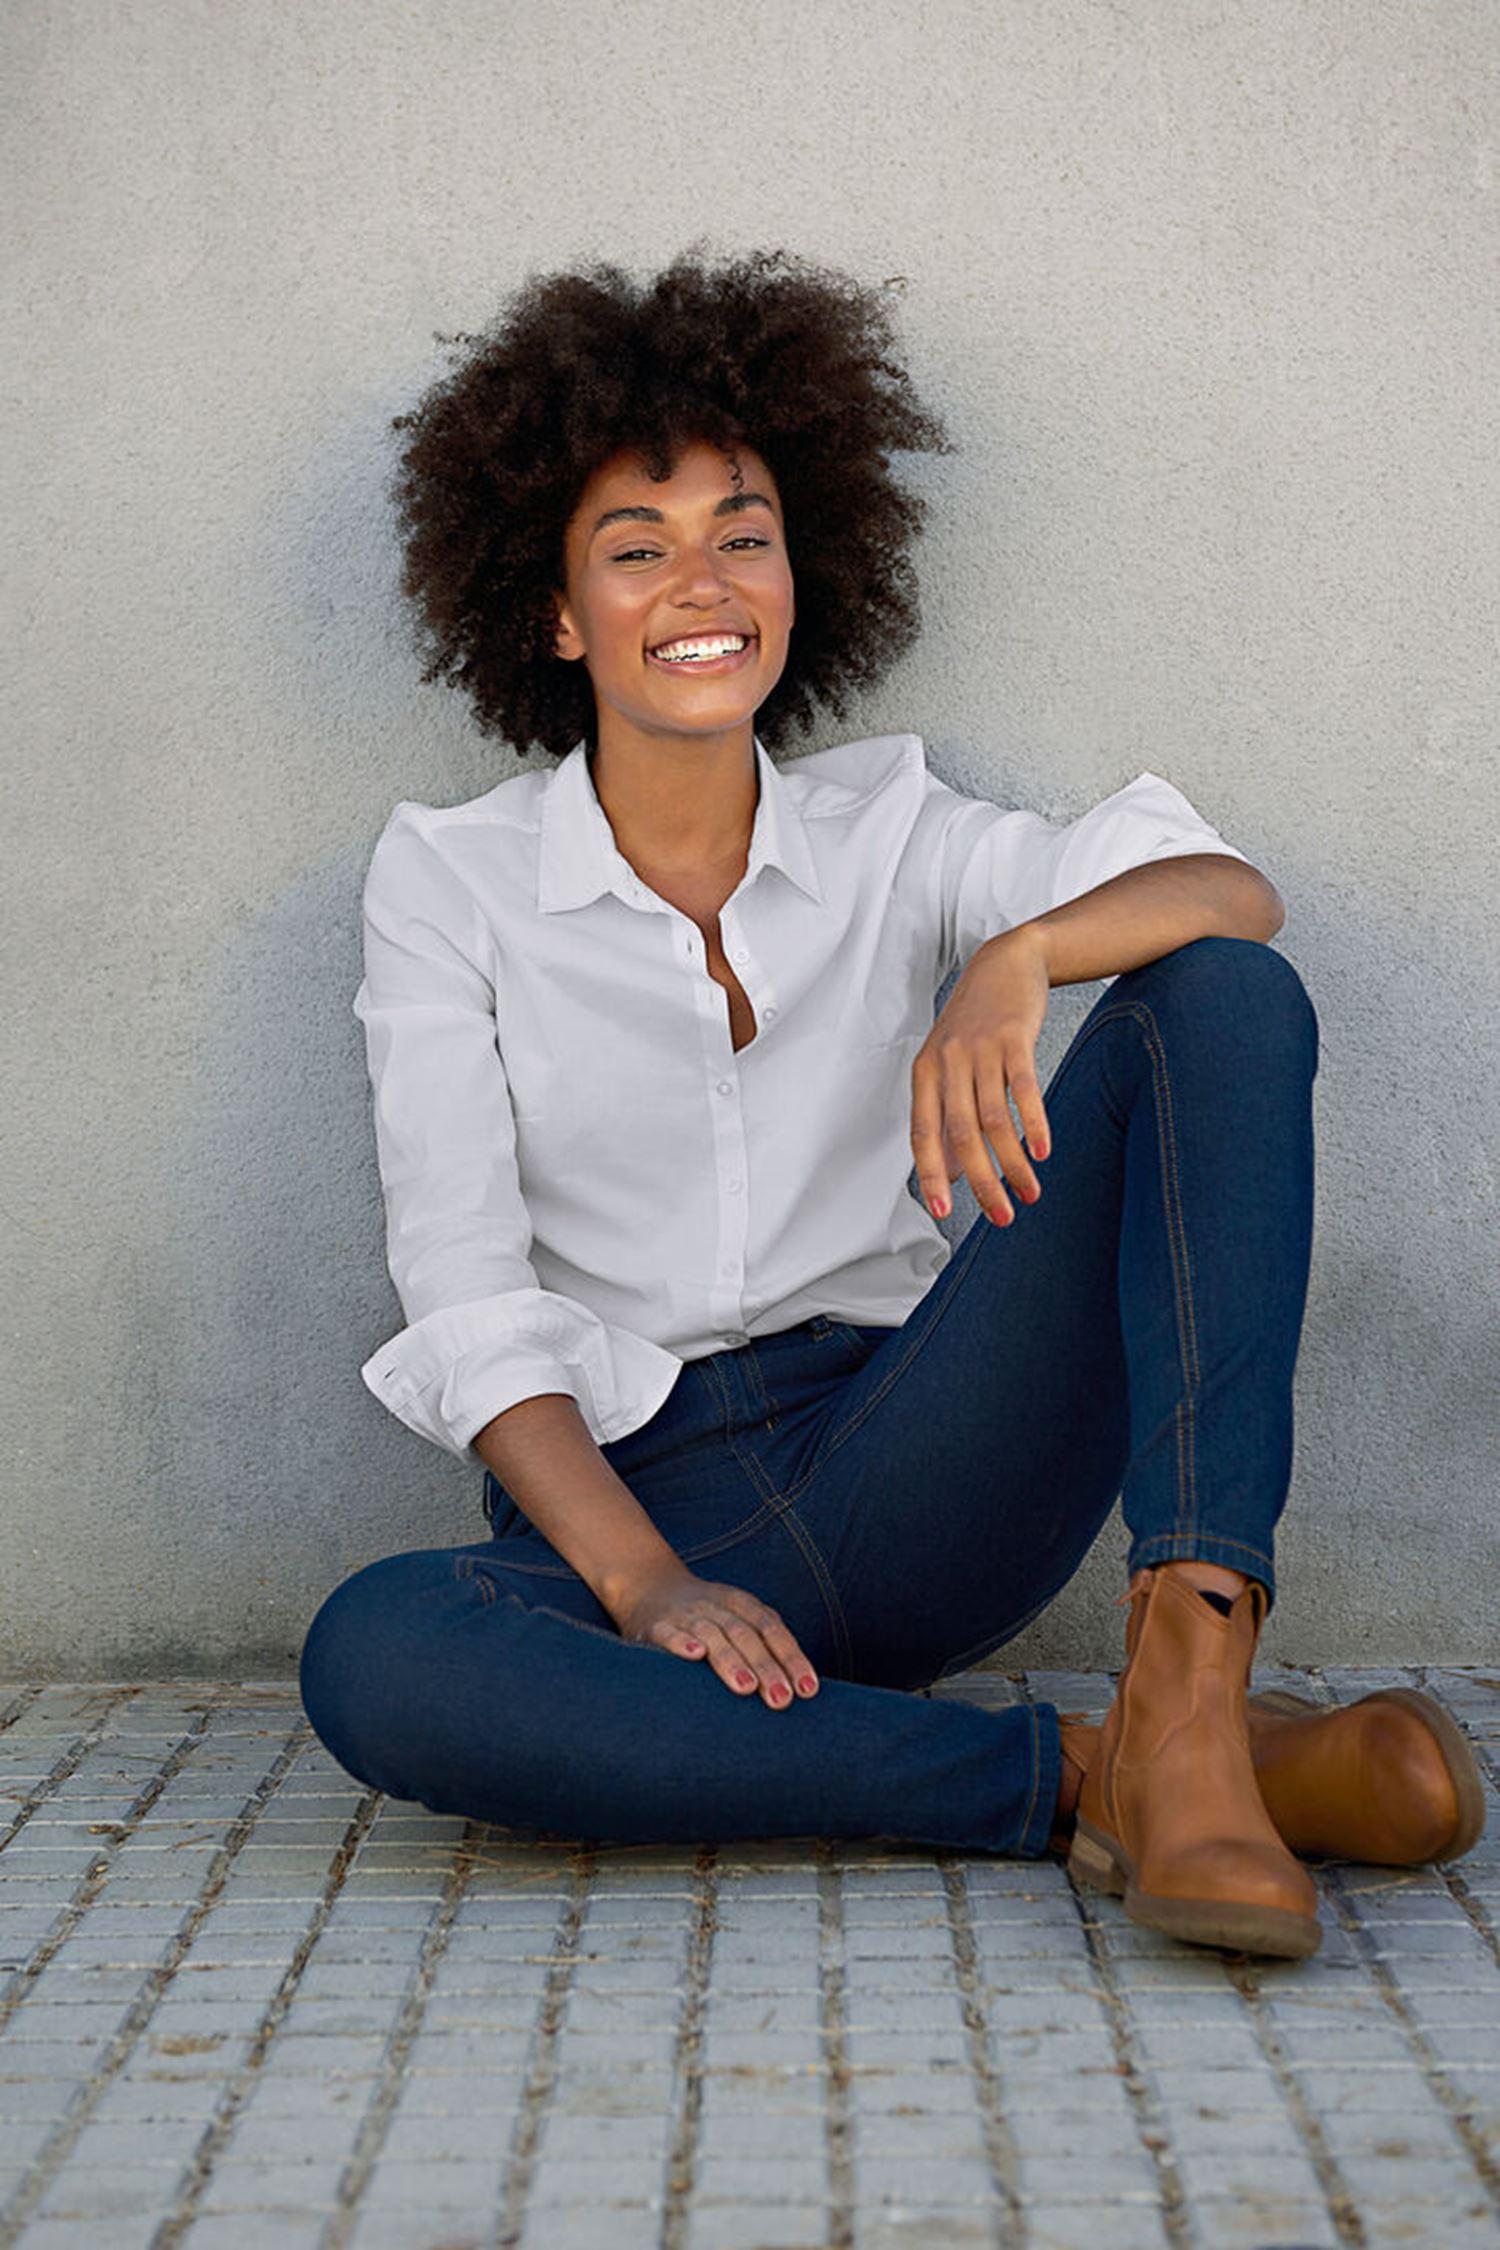 Fransa Zashirt 1 skjorte, white, x-small